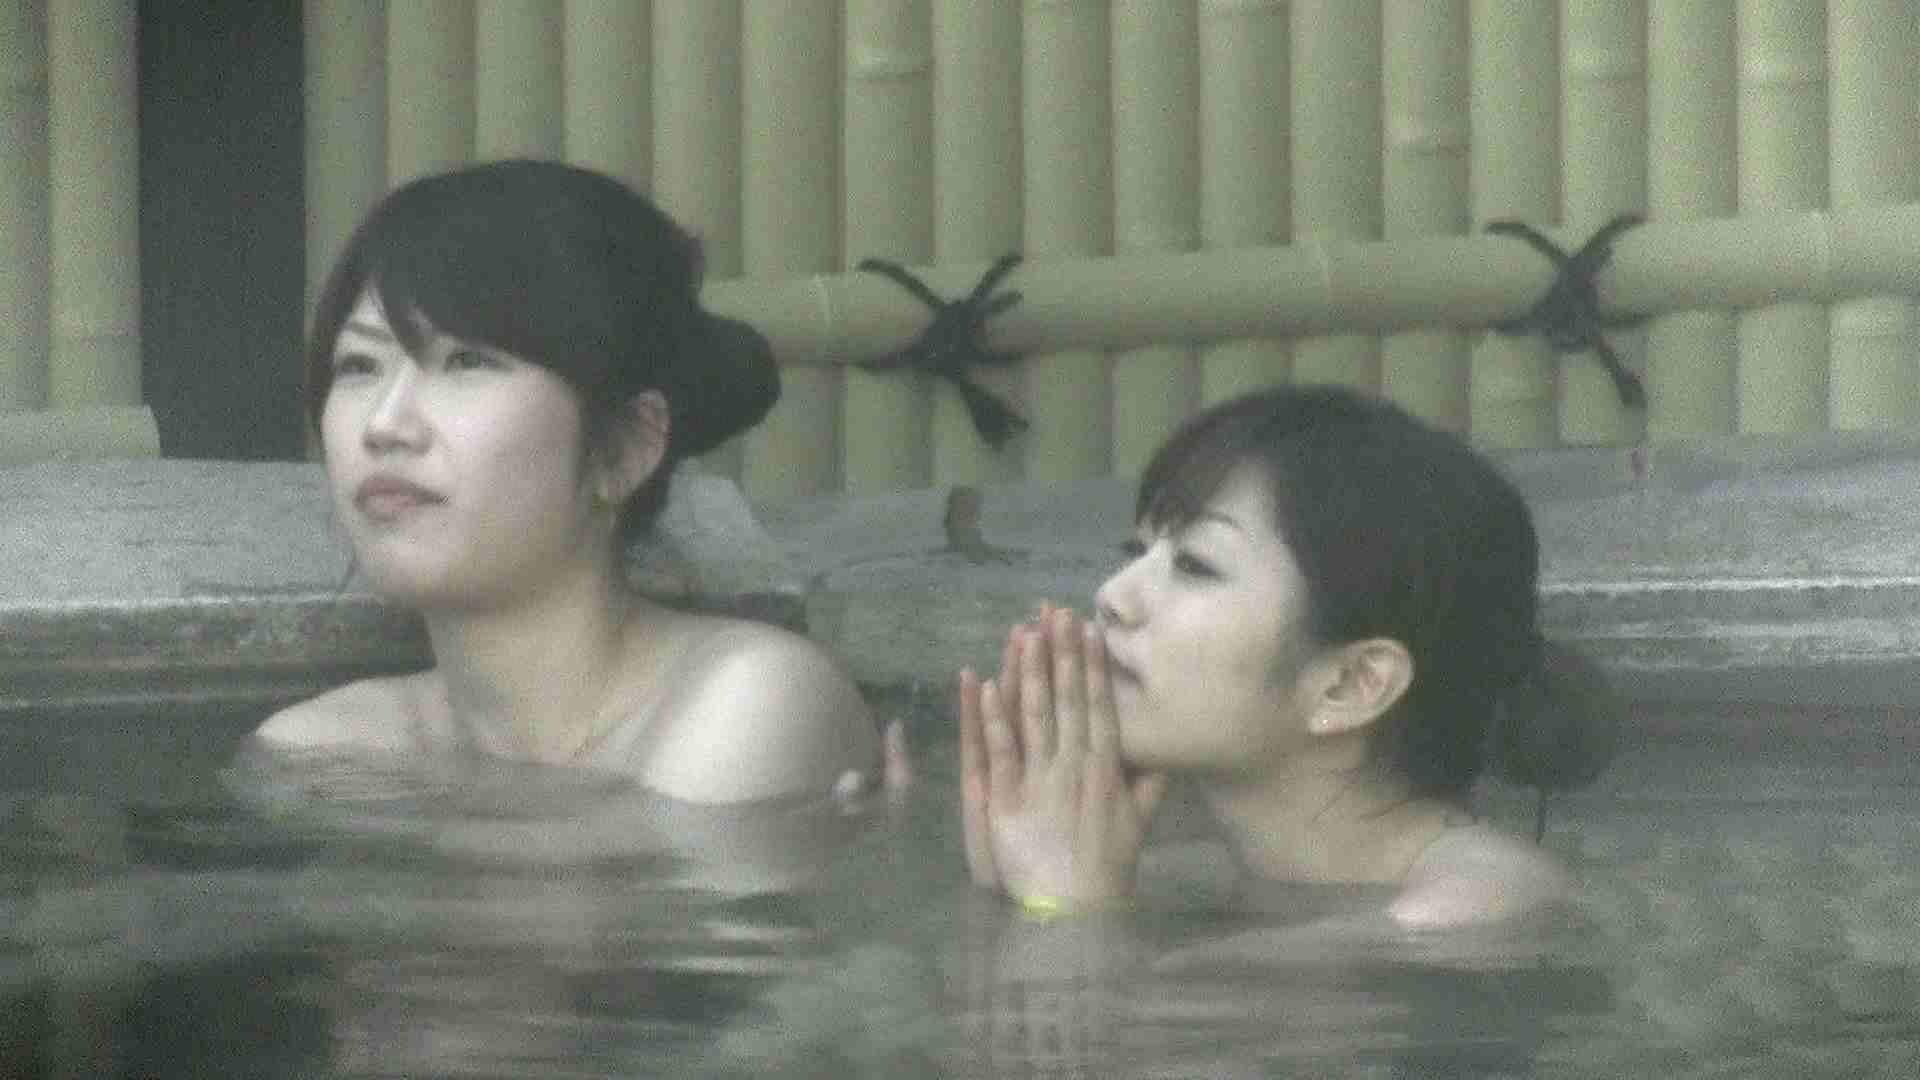 Aquaな露天風呂Vol.206 盗撮シリーズ  80PIX 20